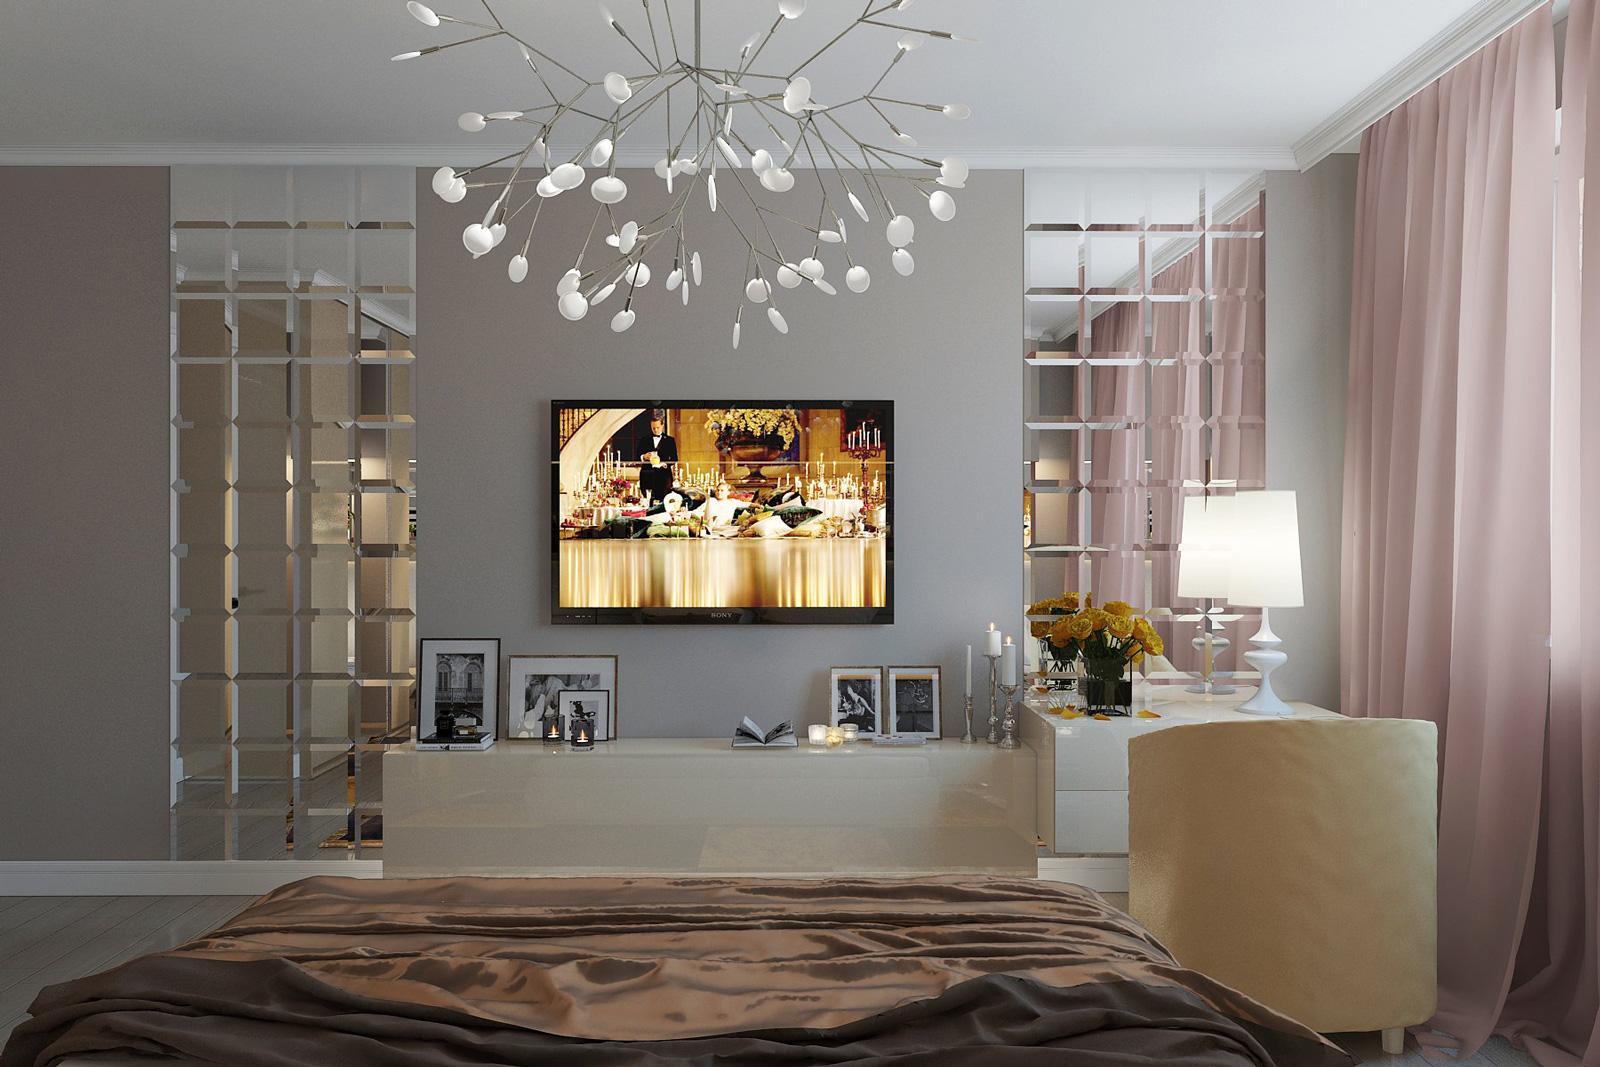 Работа дизайнера Натальи Авсараговой 2.7. Ремонт Вашего Дома — Дизайнерский ремонт по доступной цене!